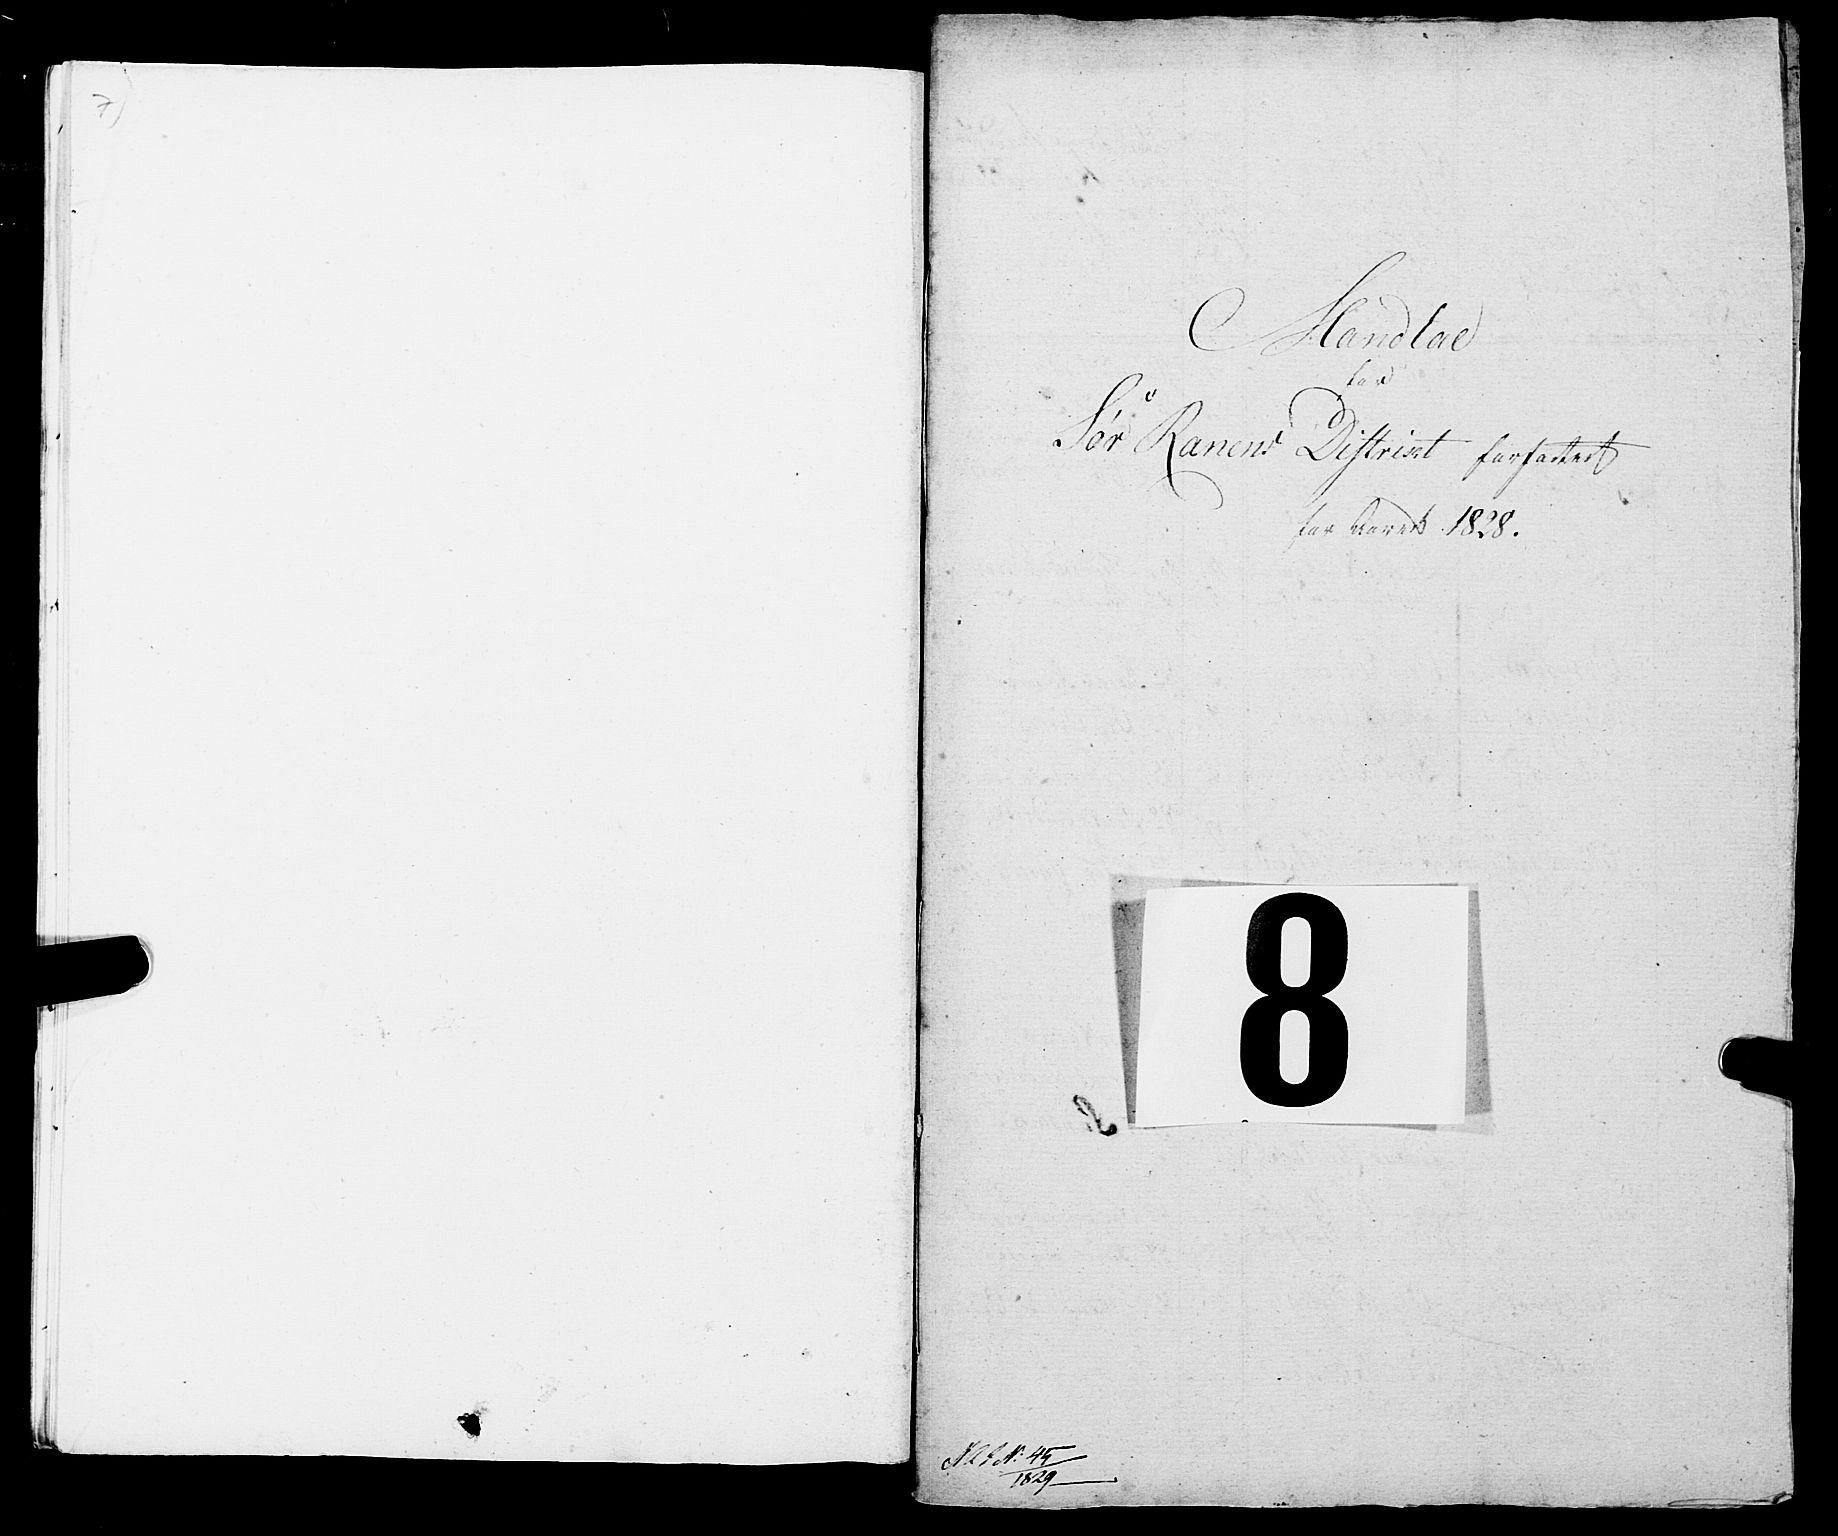 SAT, Fylkesmannen i Nordland, R/RA/L0013: Innrulleringsmanntall for Hemnes (Sør-Rana), 1809-1835, s. 191